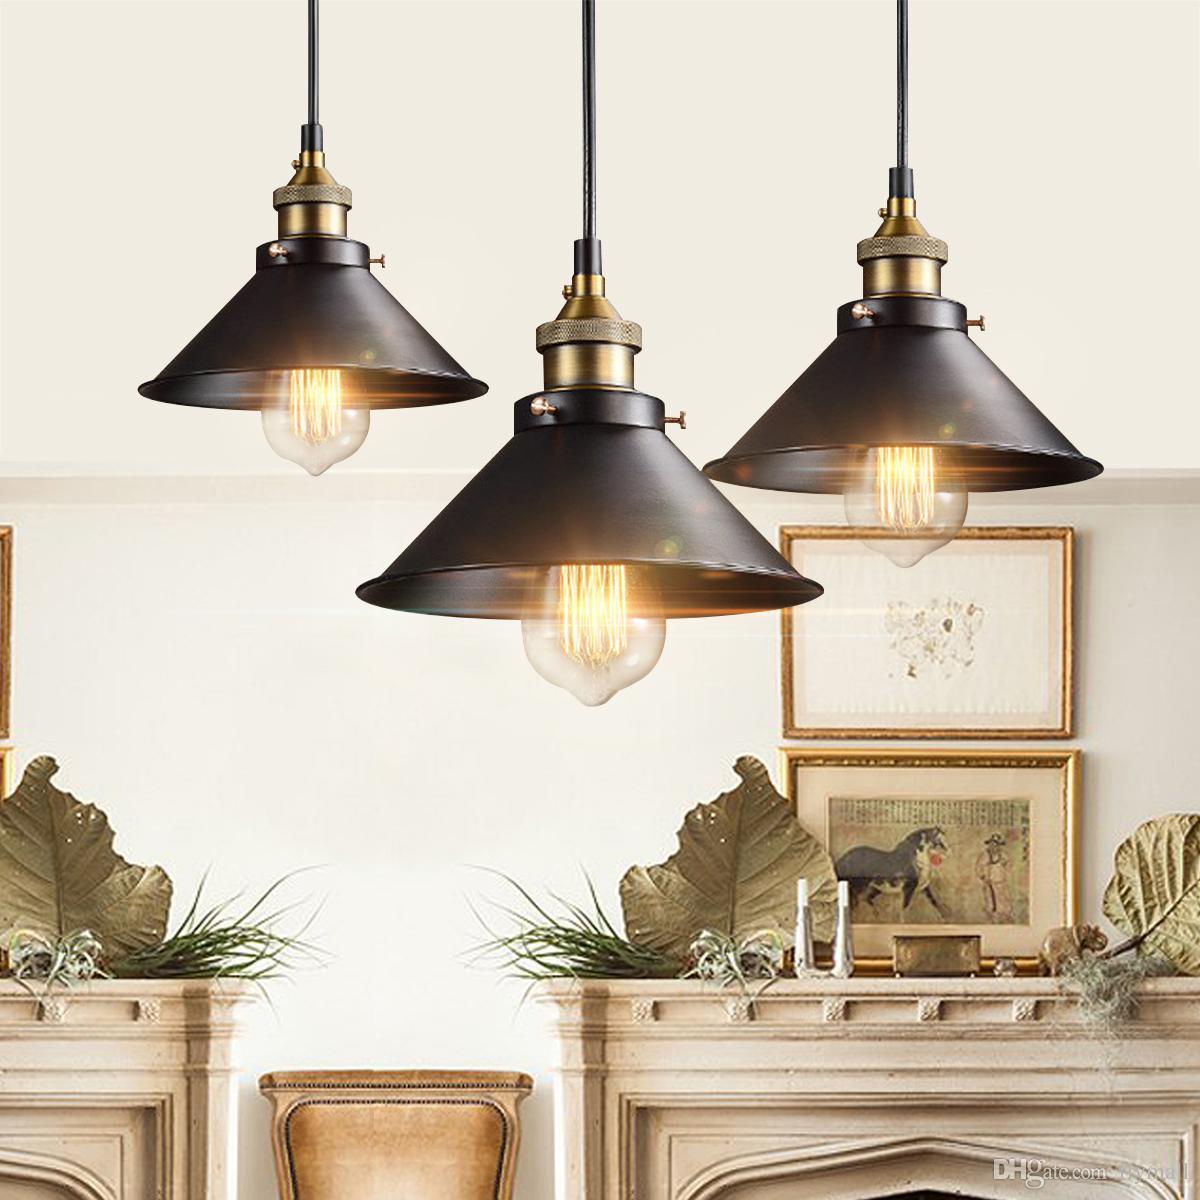 Grosshandel Retro Deckenleuchte Lampe Runde Vintage Industriedesign